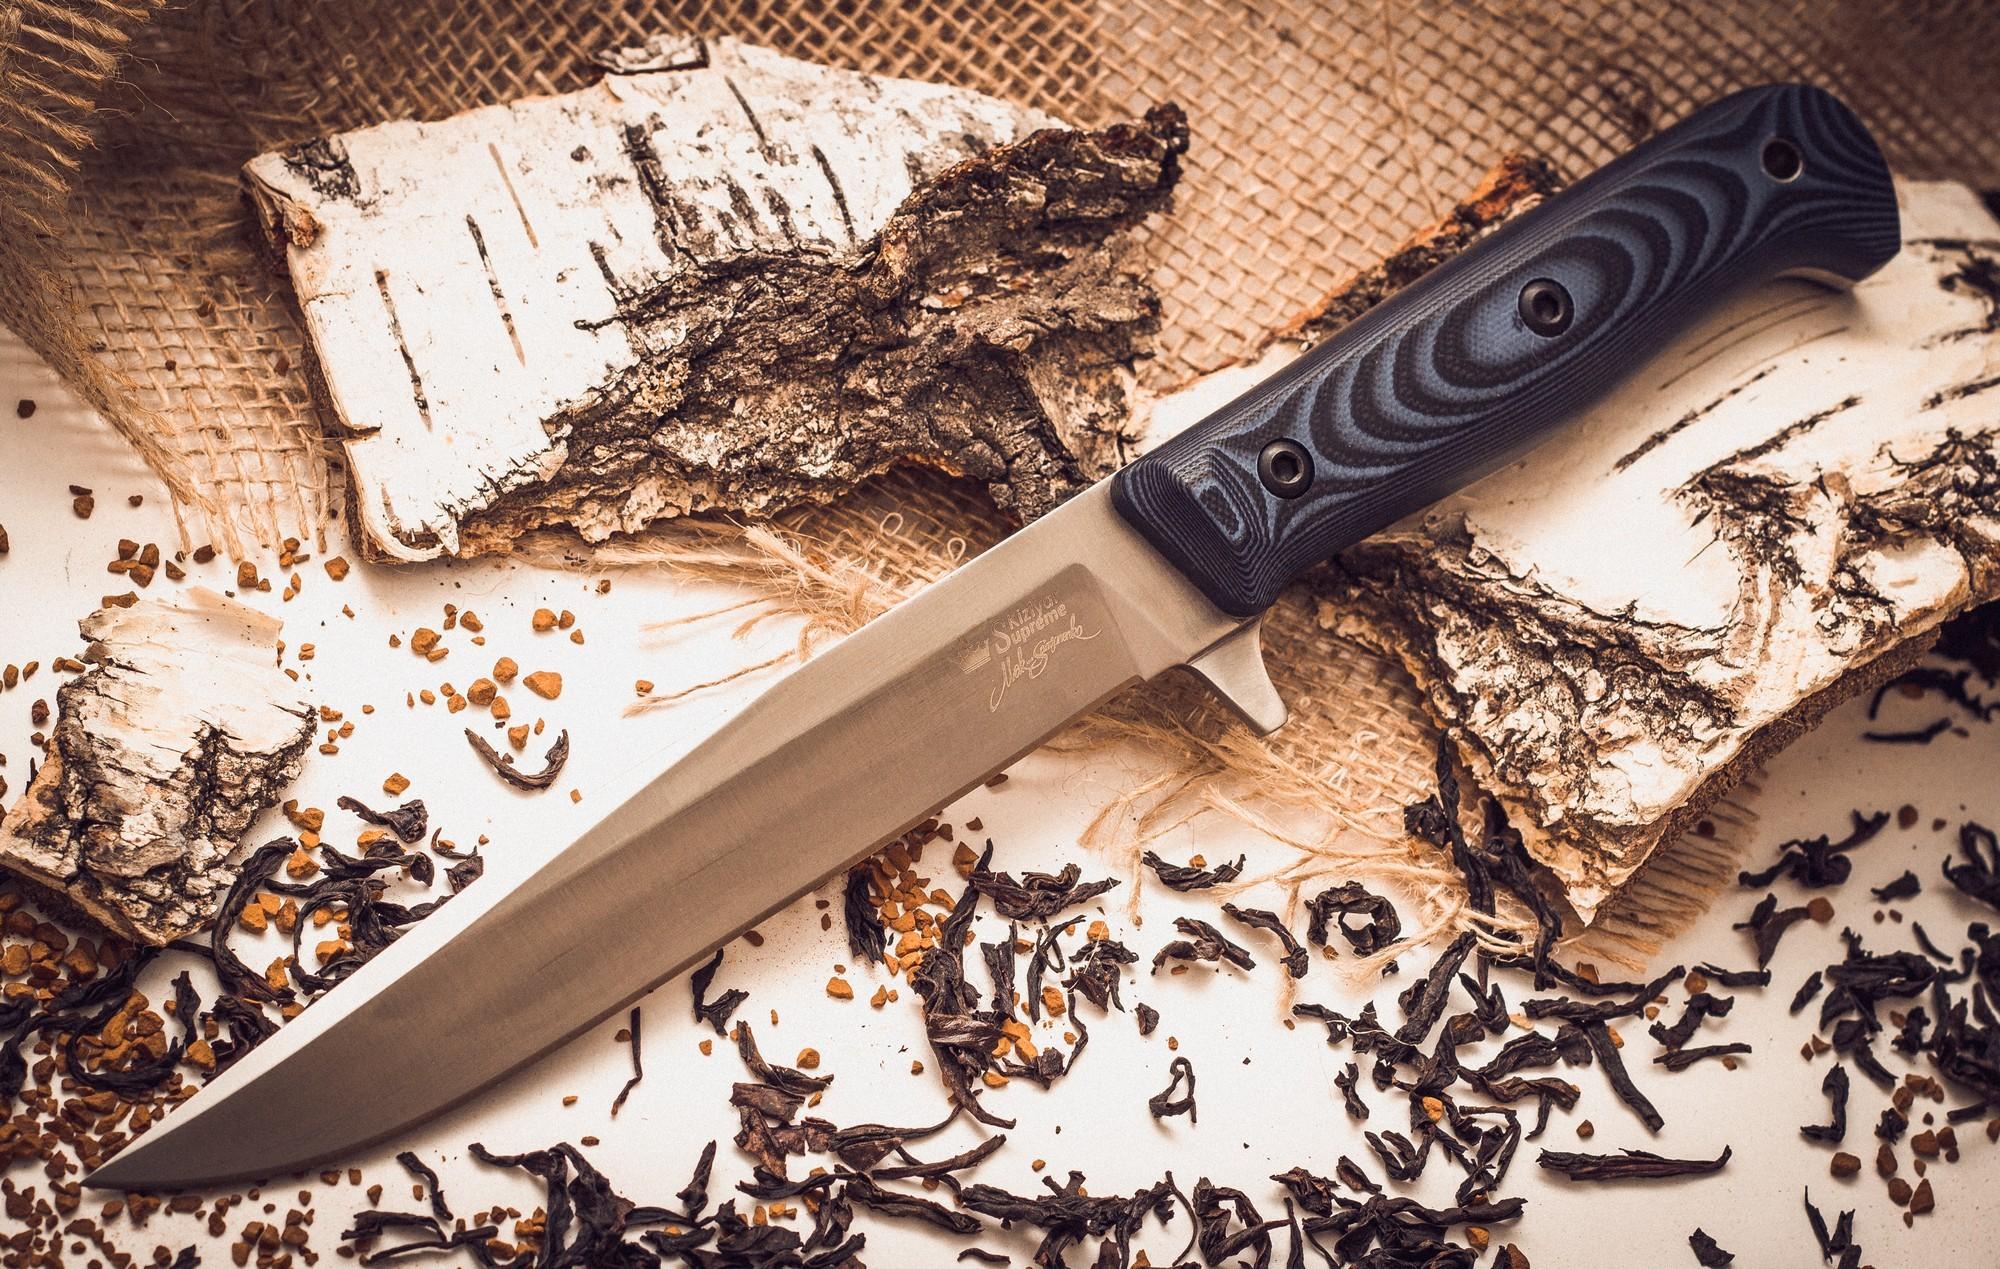 Тактический нож Intruder D2 SW, Кизляр нож выживания survivalist d2 g10 кизляр